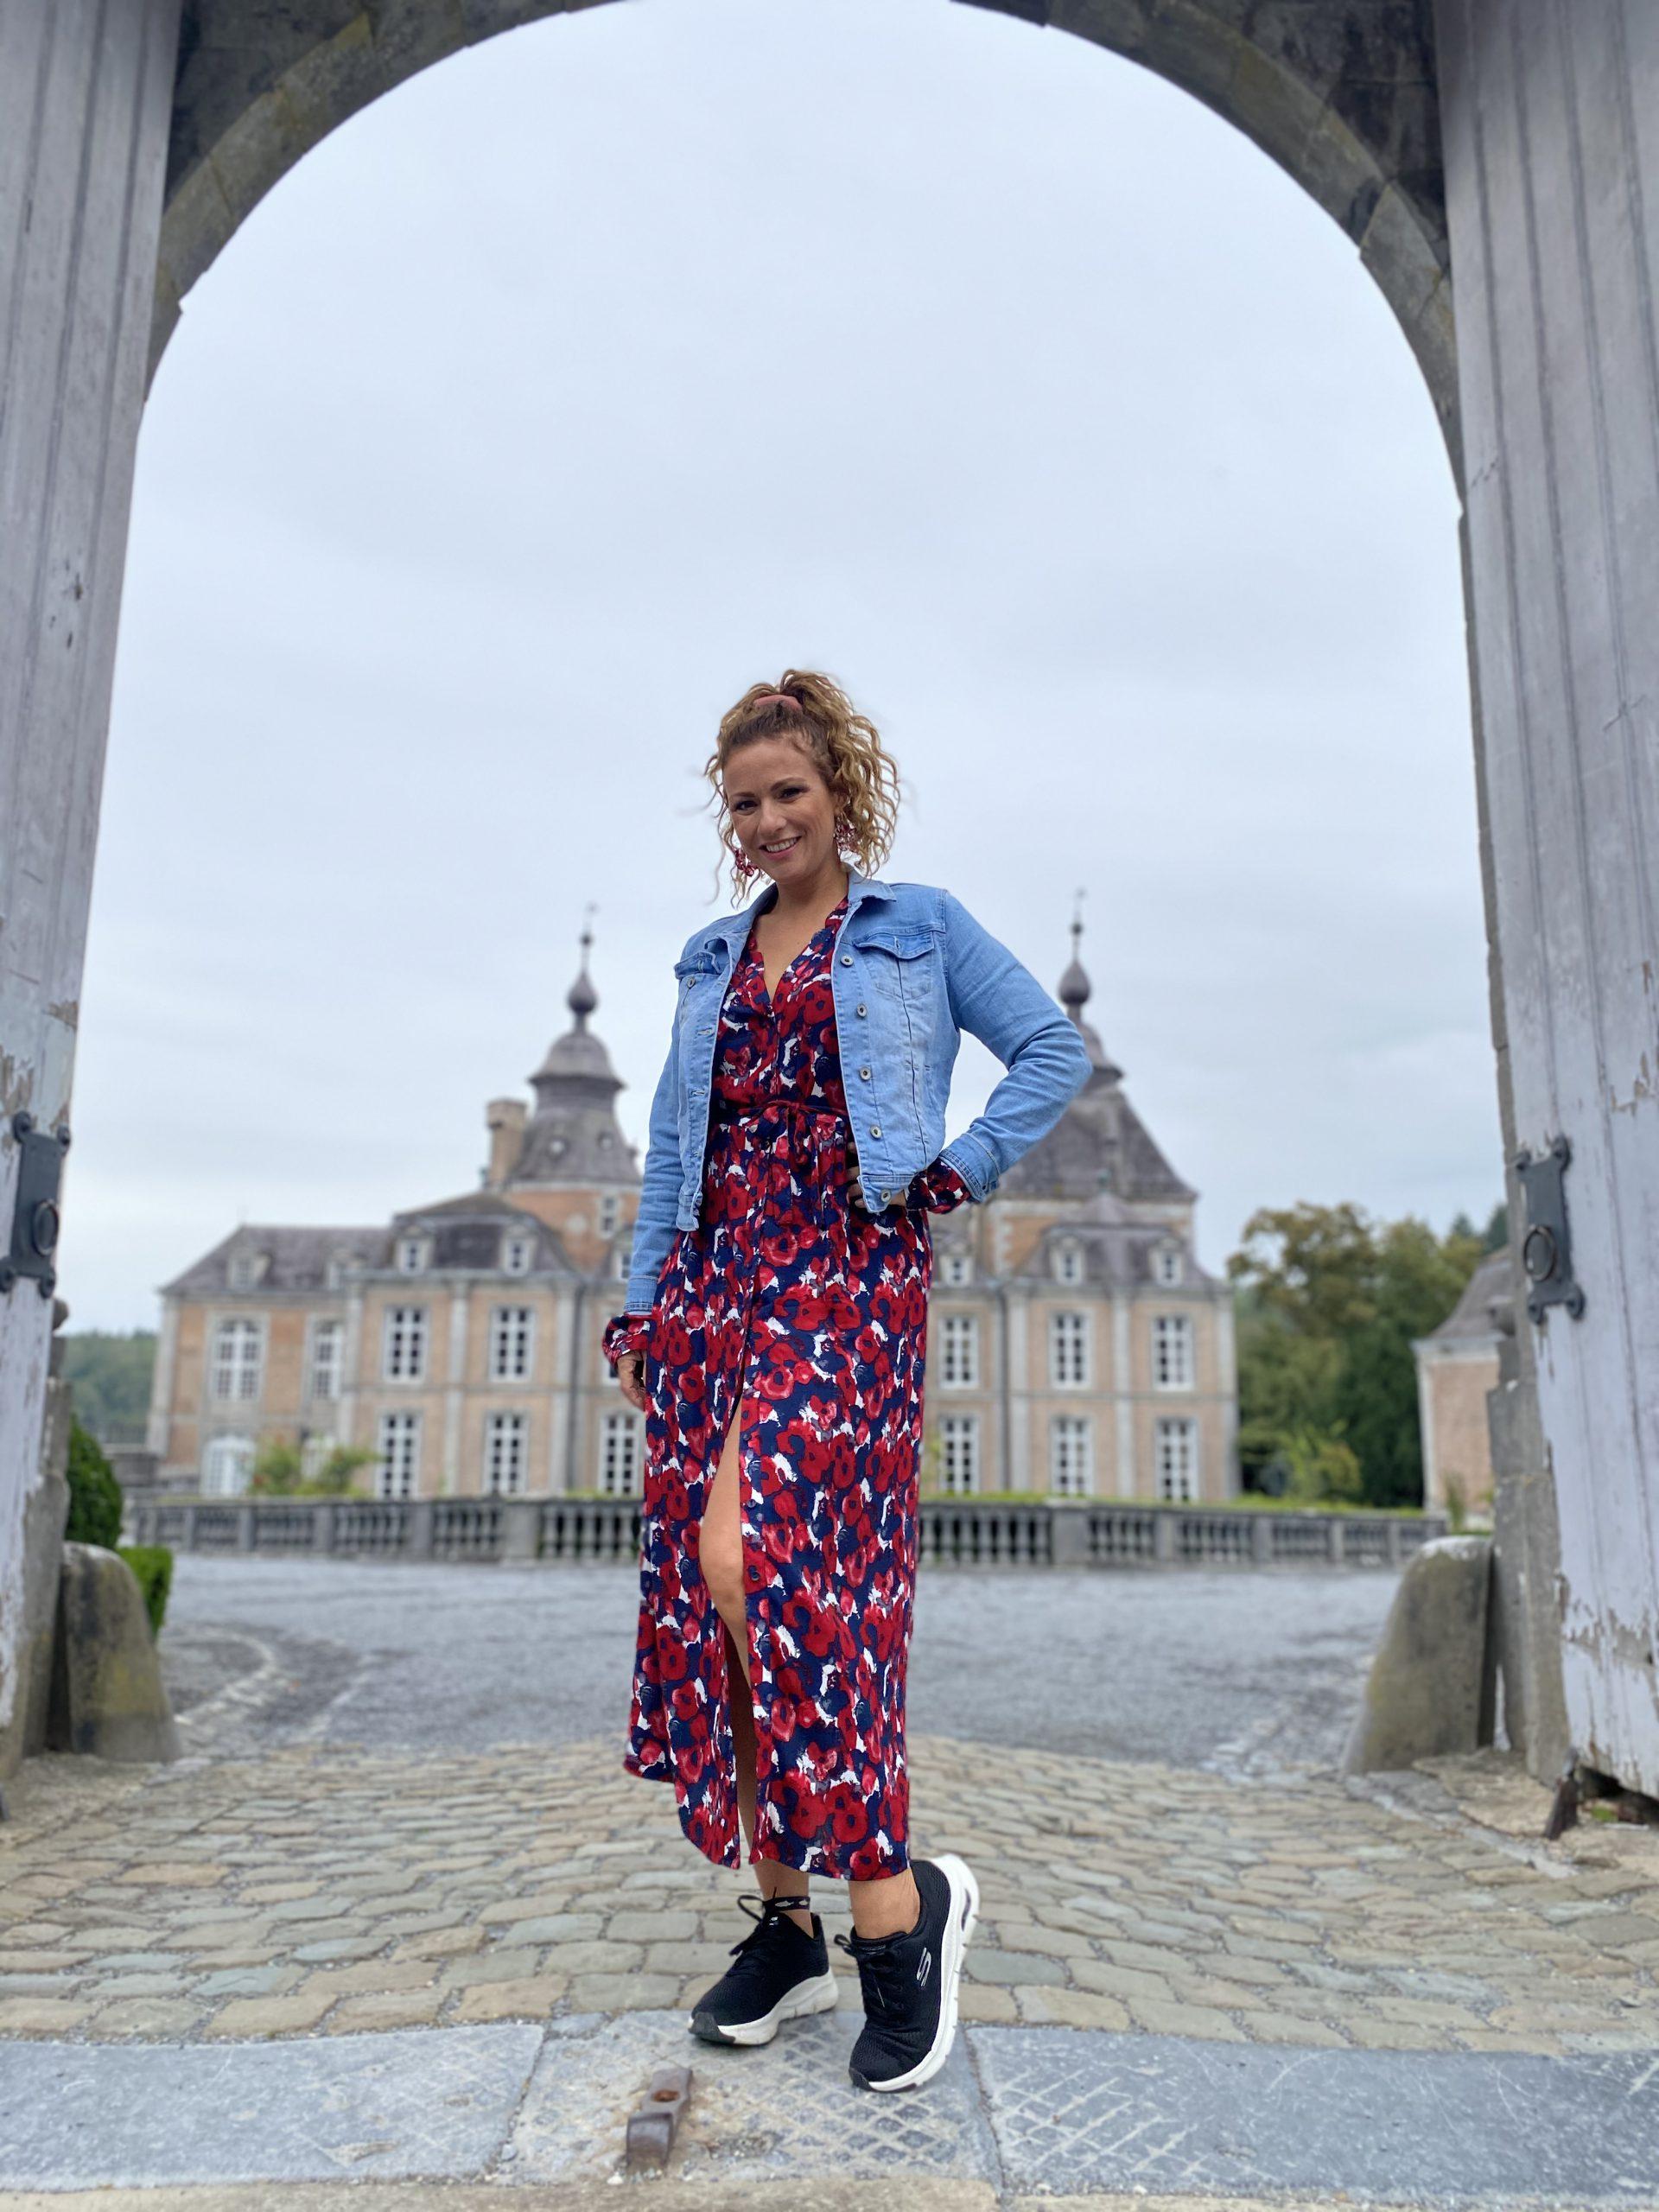 RTL Kampeert achter de schermen JessicaOnline.nl De Hort op